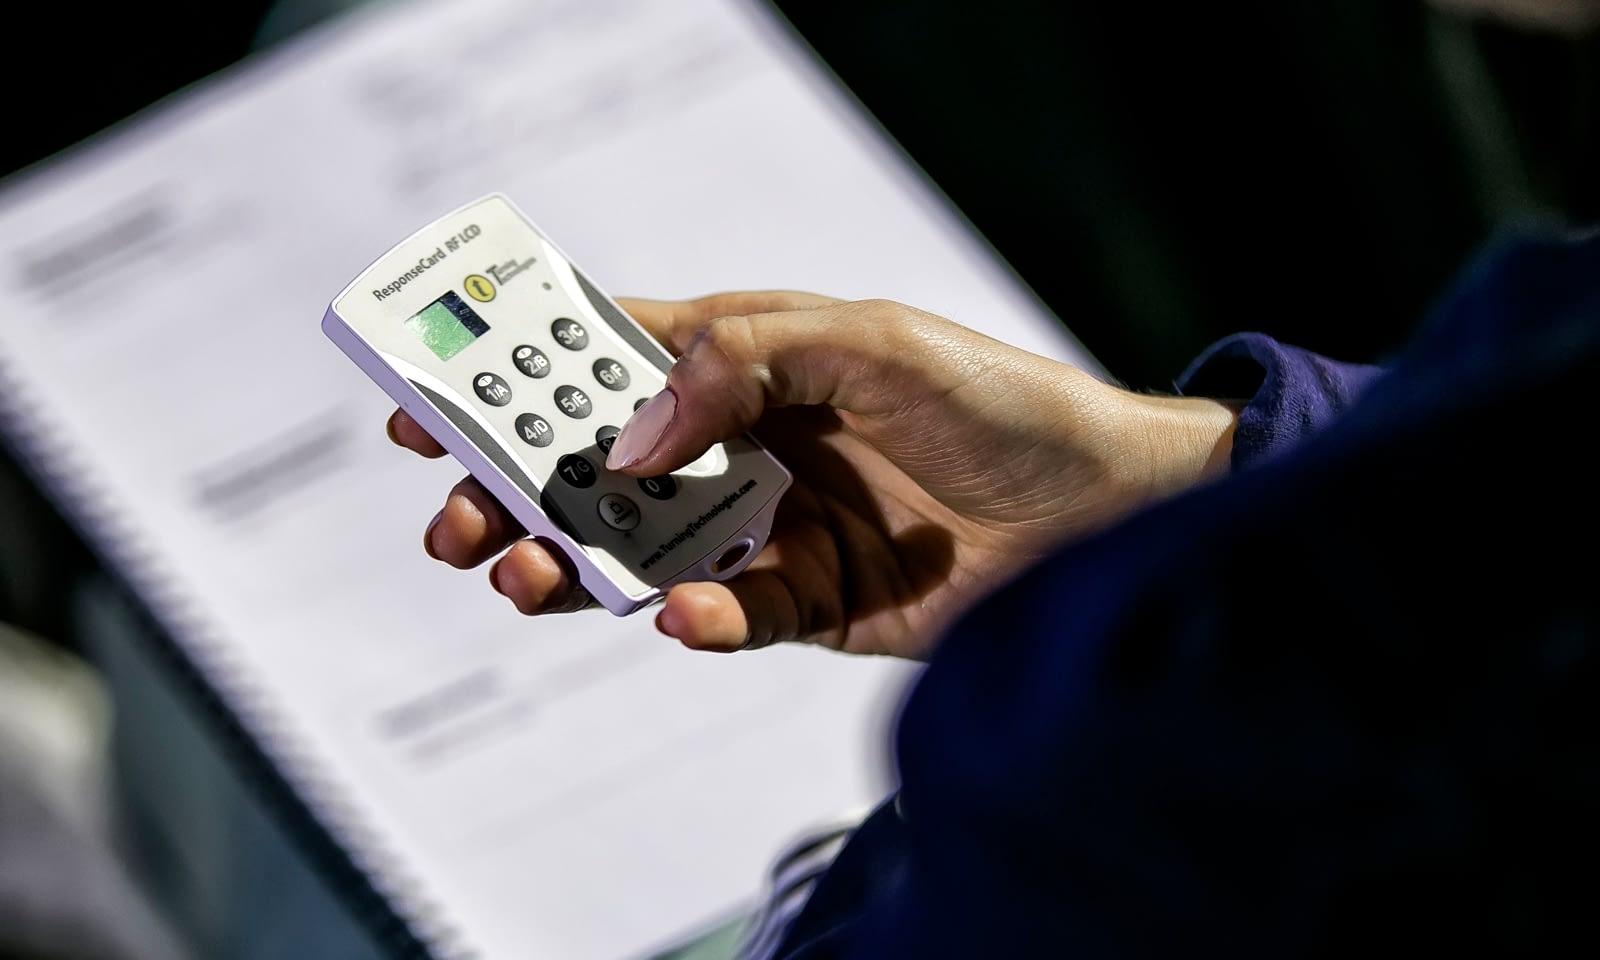 Systemy do głosowań Brill AV Media